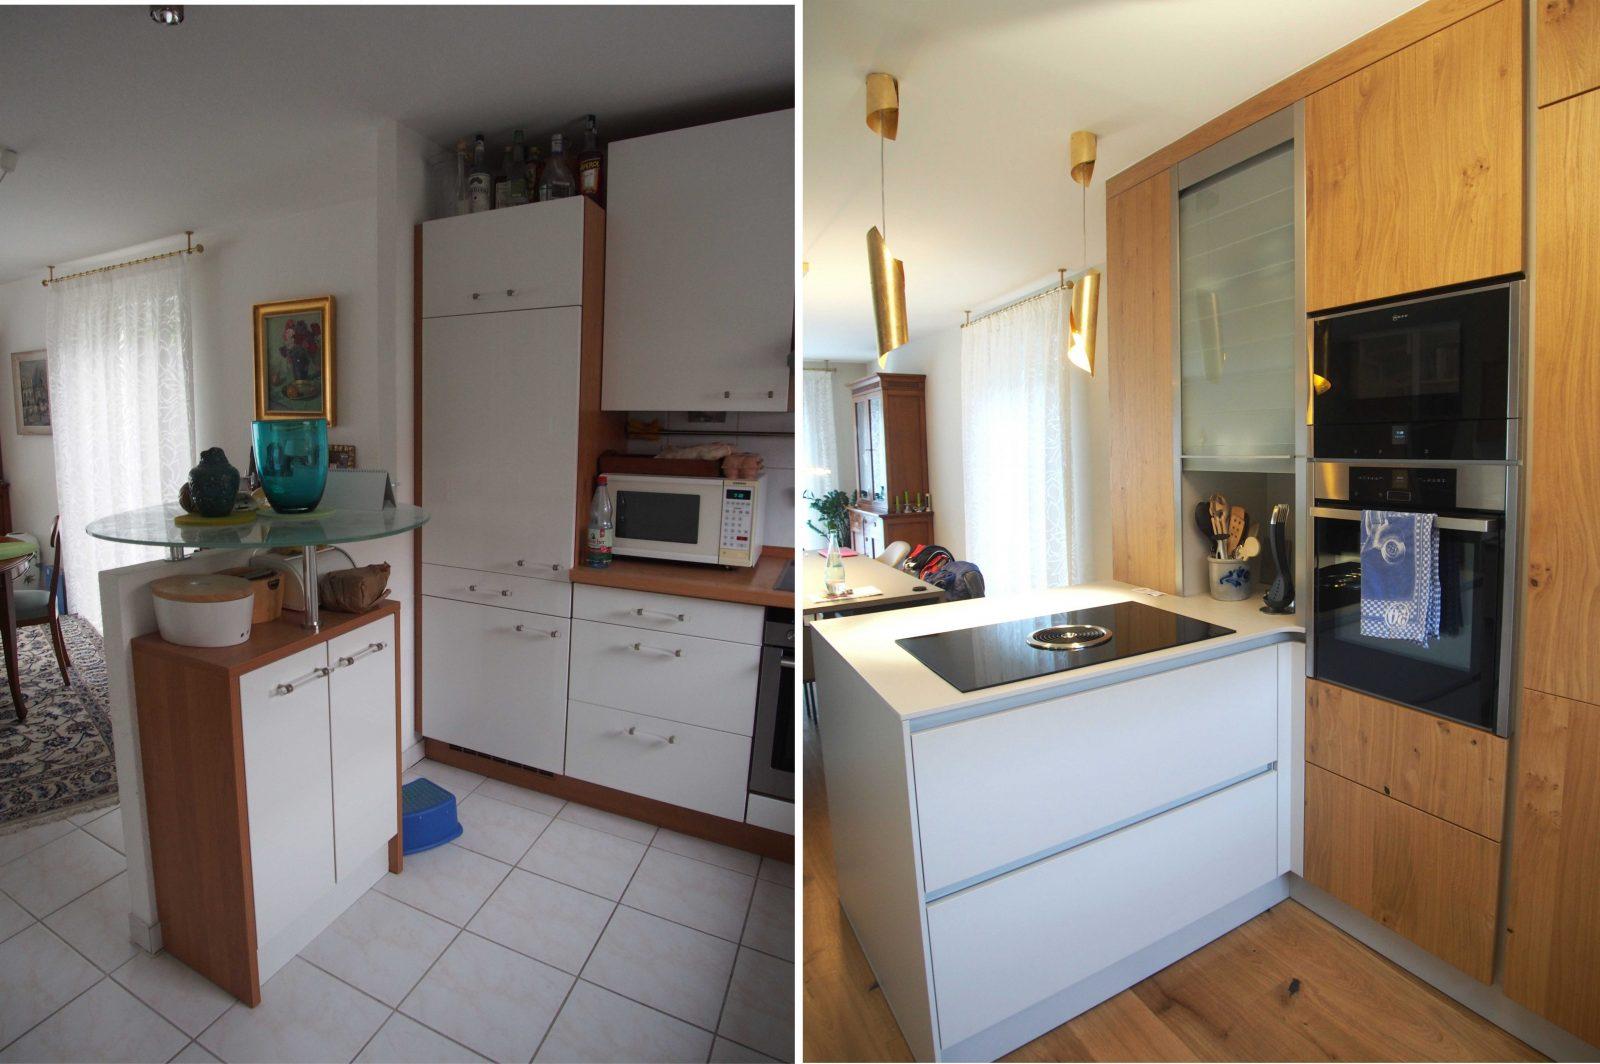 Hochglanz Küche Neu Lackieren Arbeitsplatte Küche Lackieren Küche